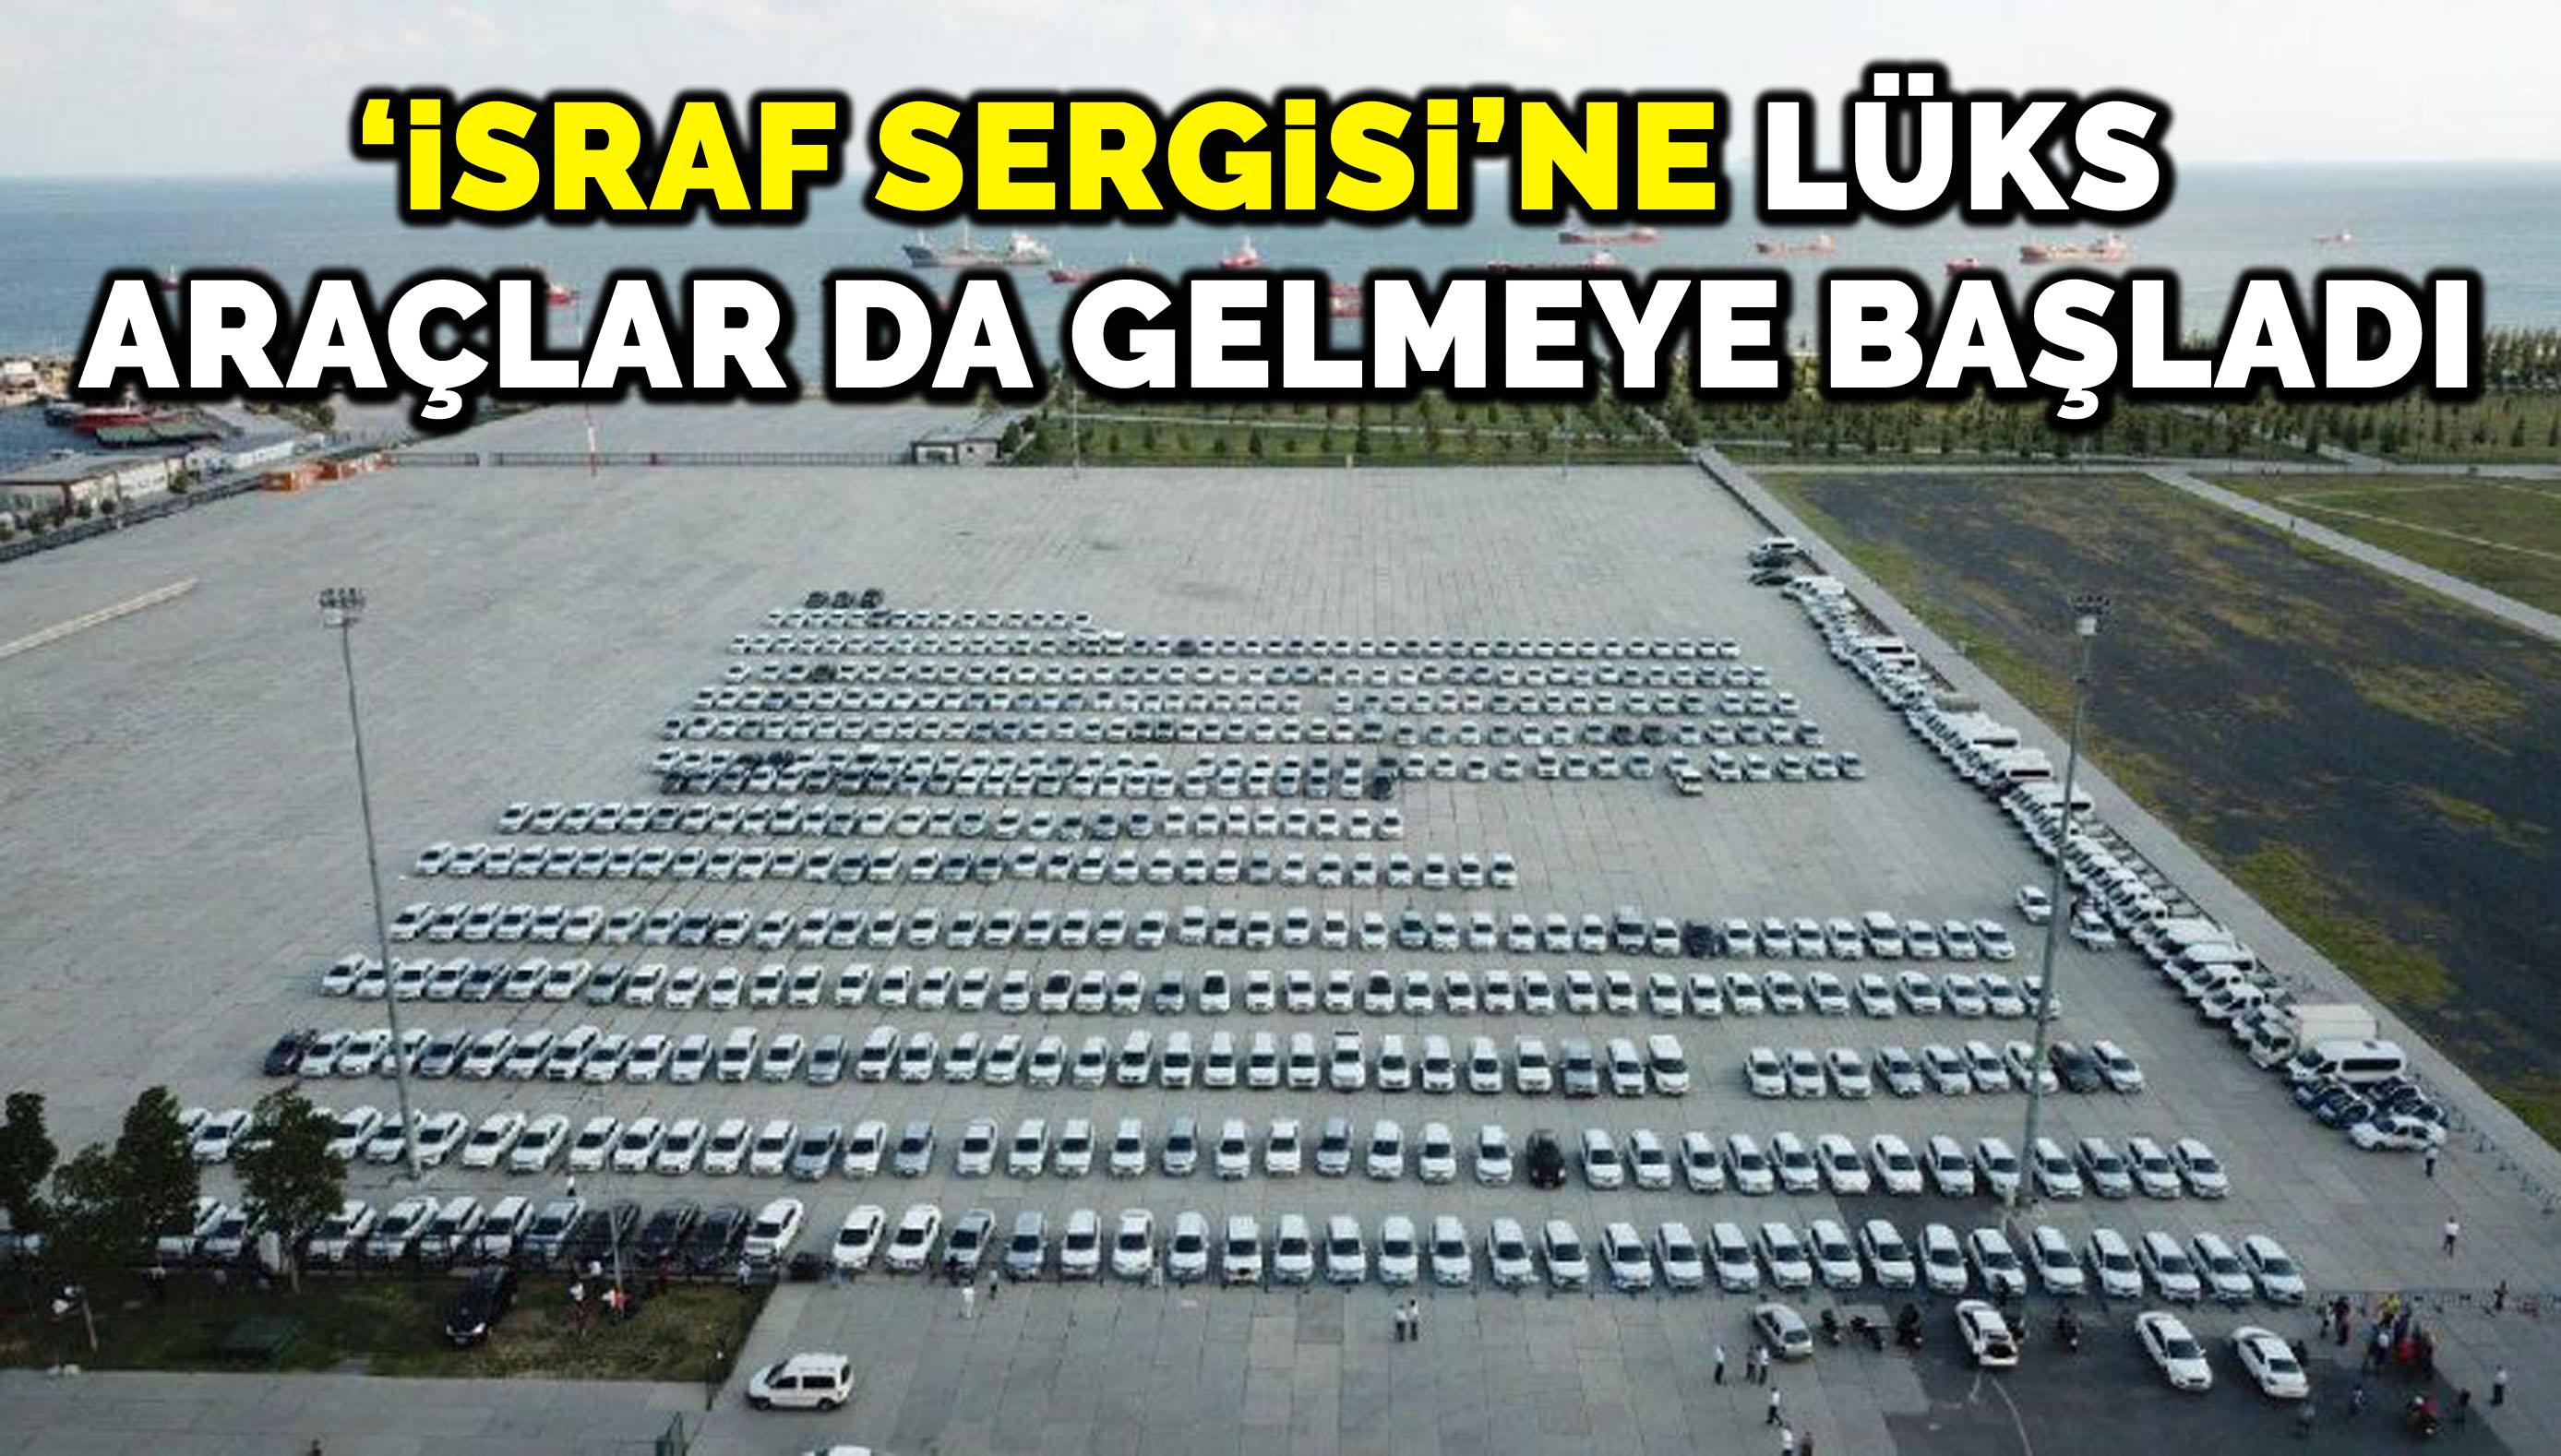 Yenikapı'daki 'israf sergisi'ne lüks araçlar da gelmeye başladı